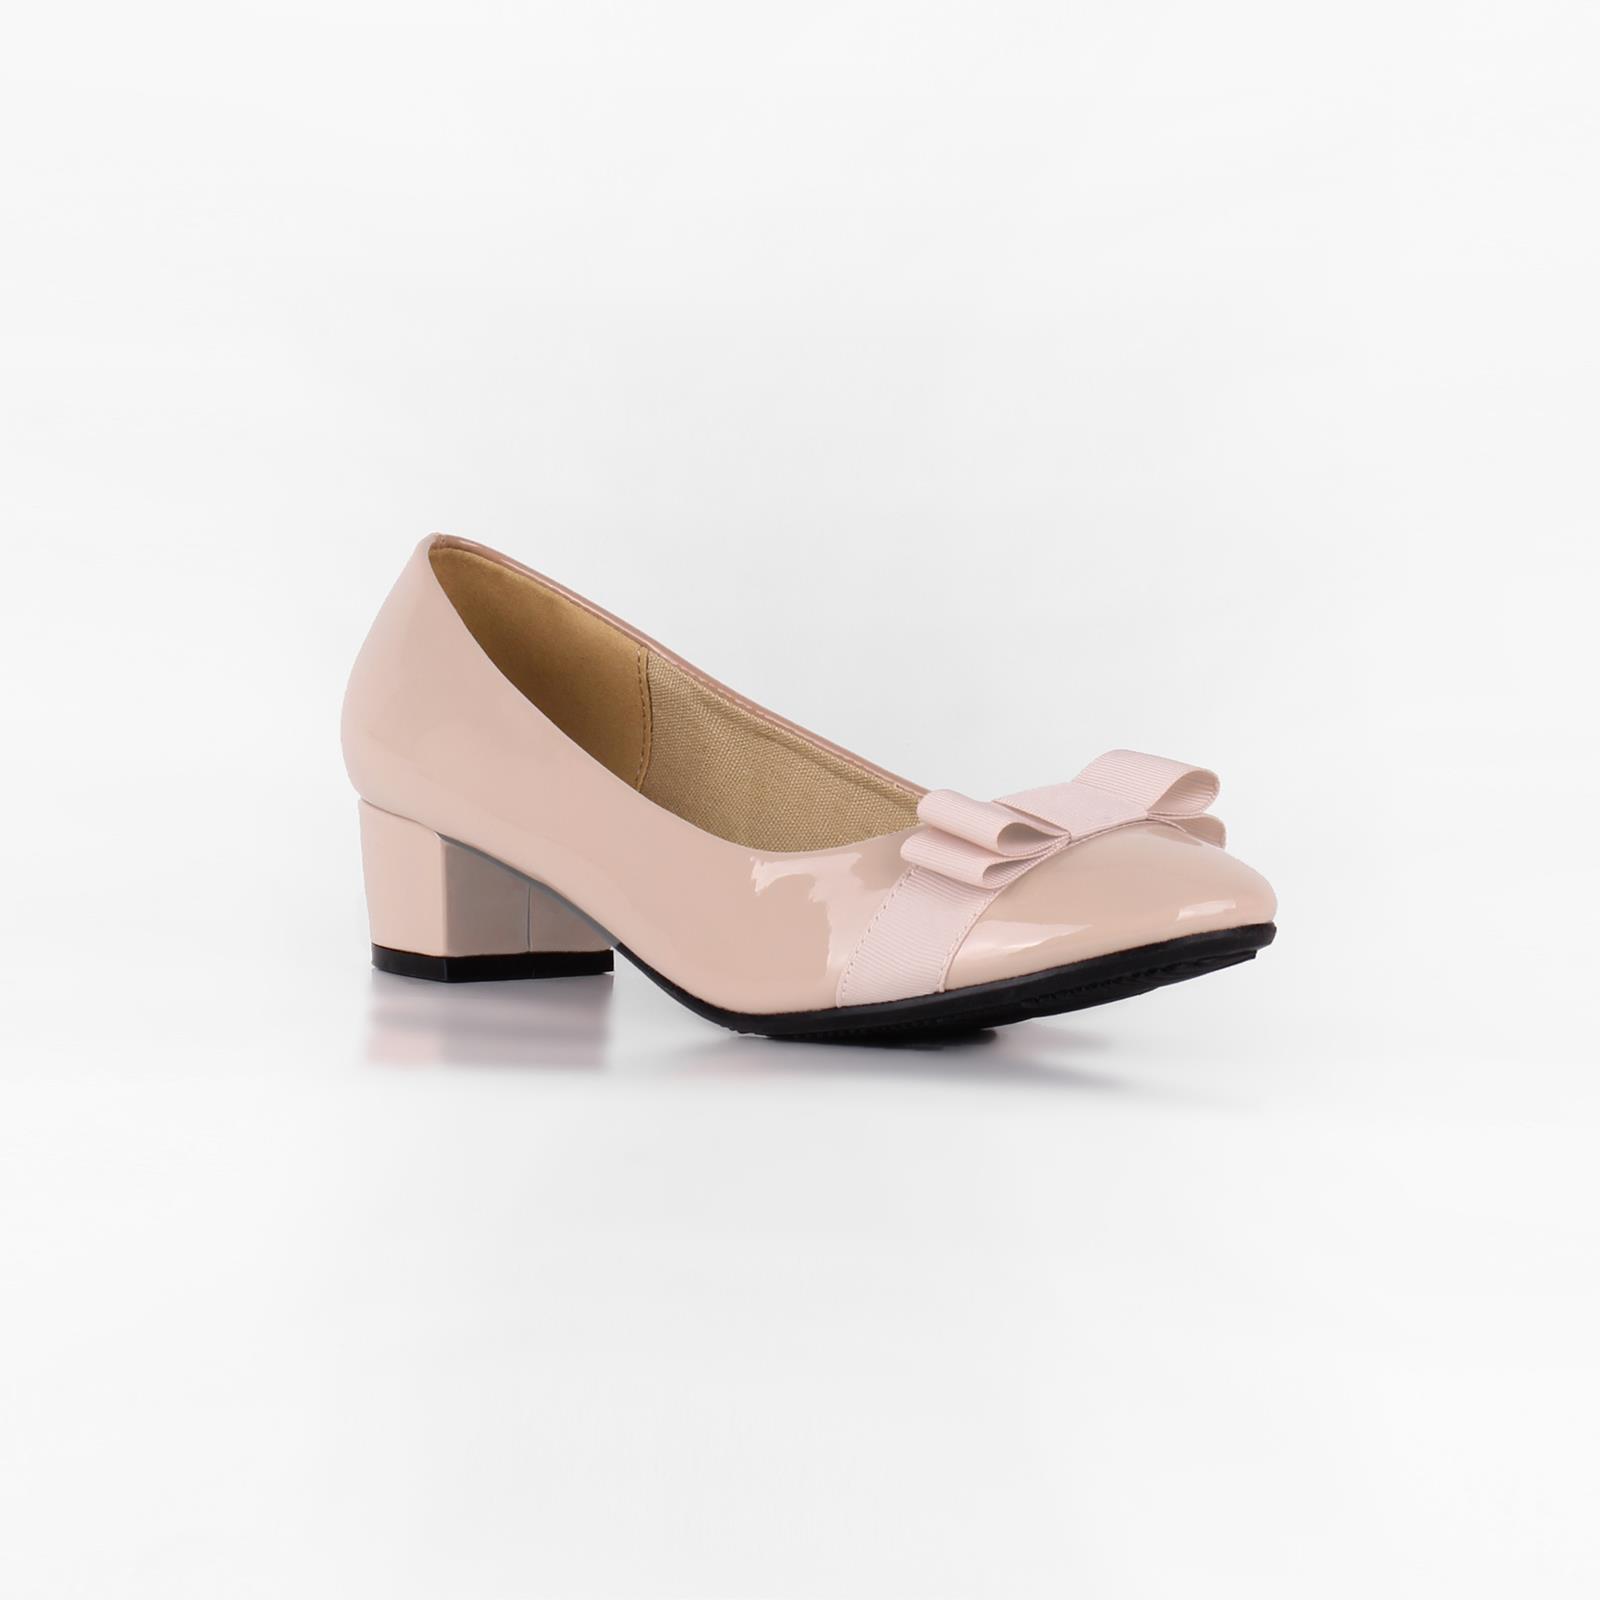 Damen-Elegante-Absatzschuhe-Hochlganz-Pumps-Blockabsatz-Ballerina-Schuhe-Chic Indexbild 33